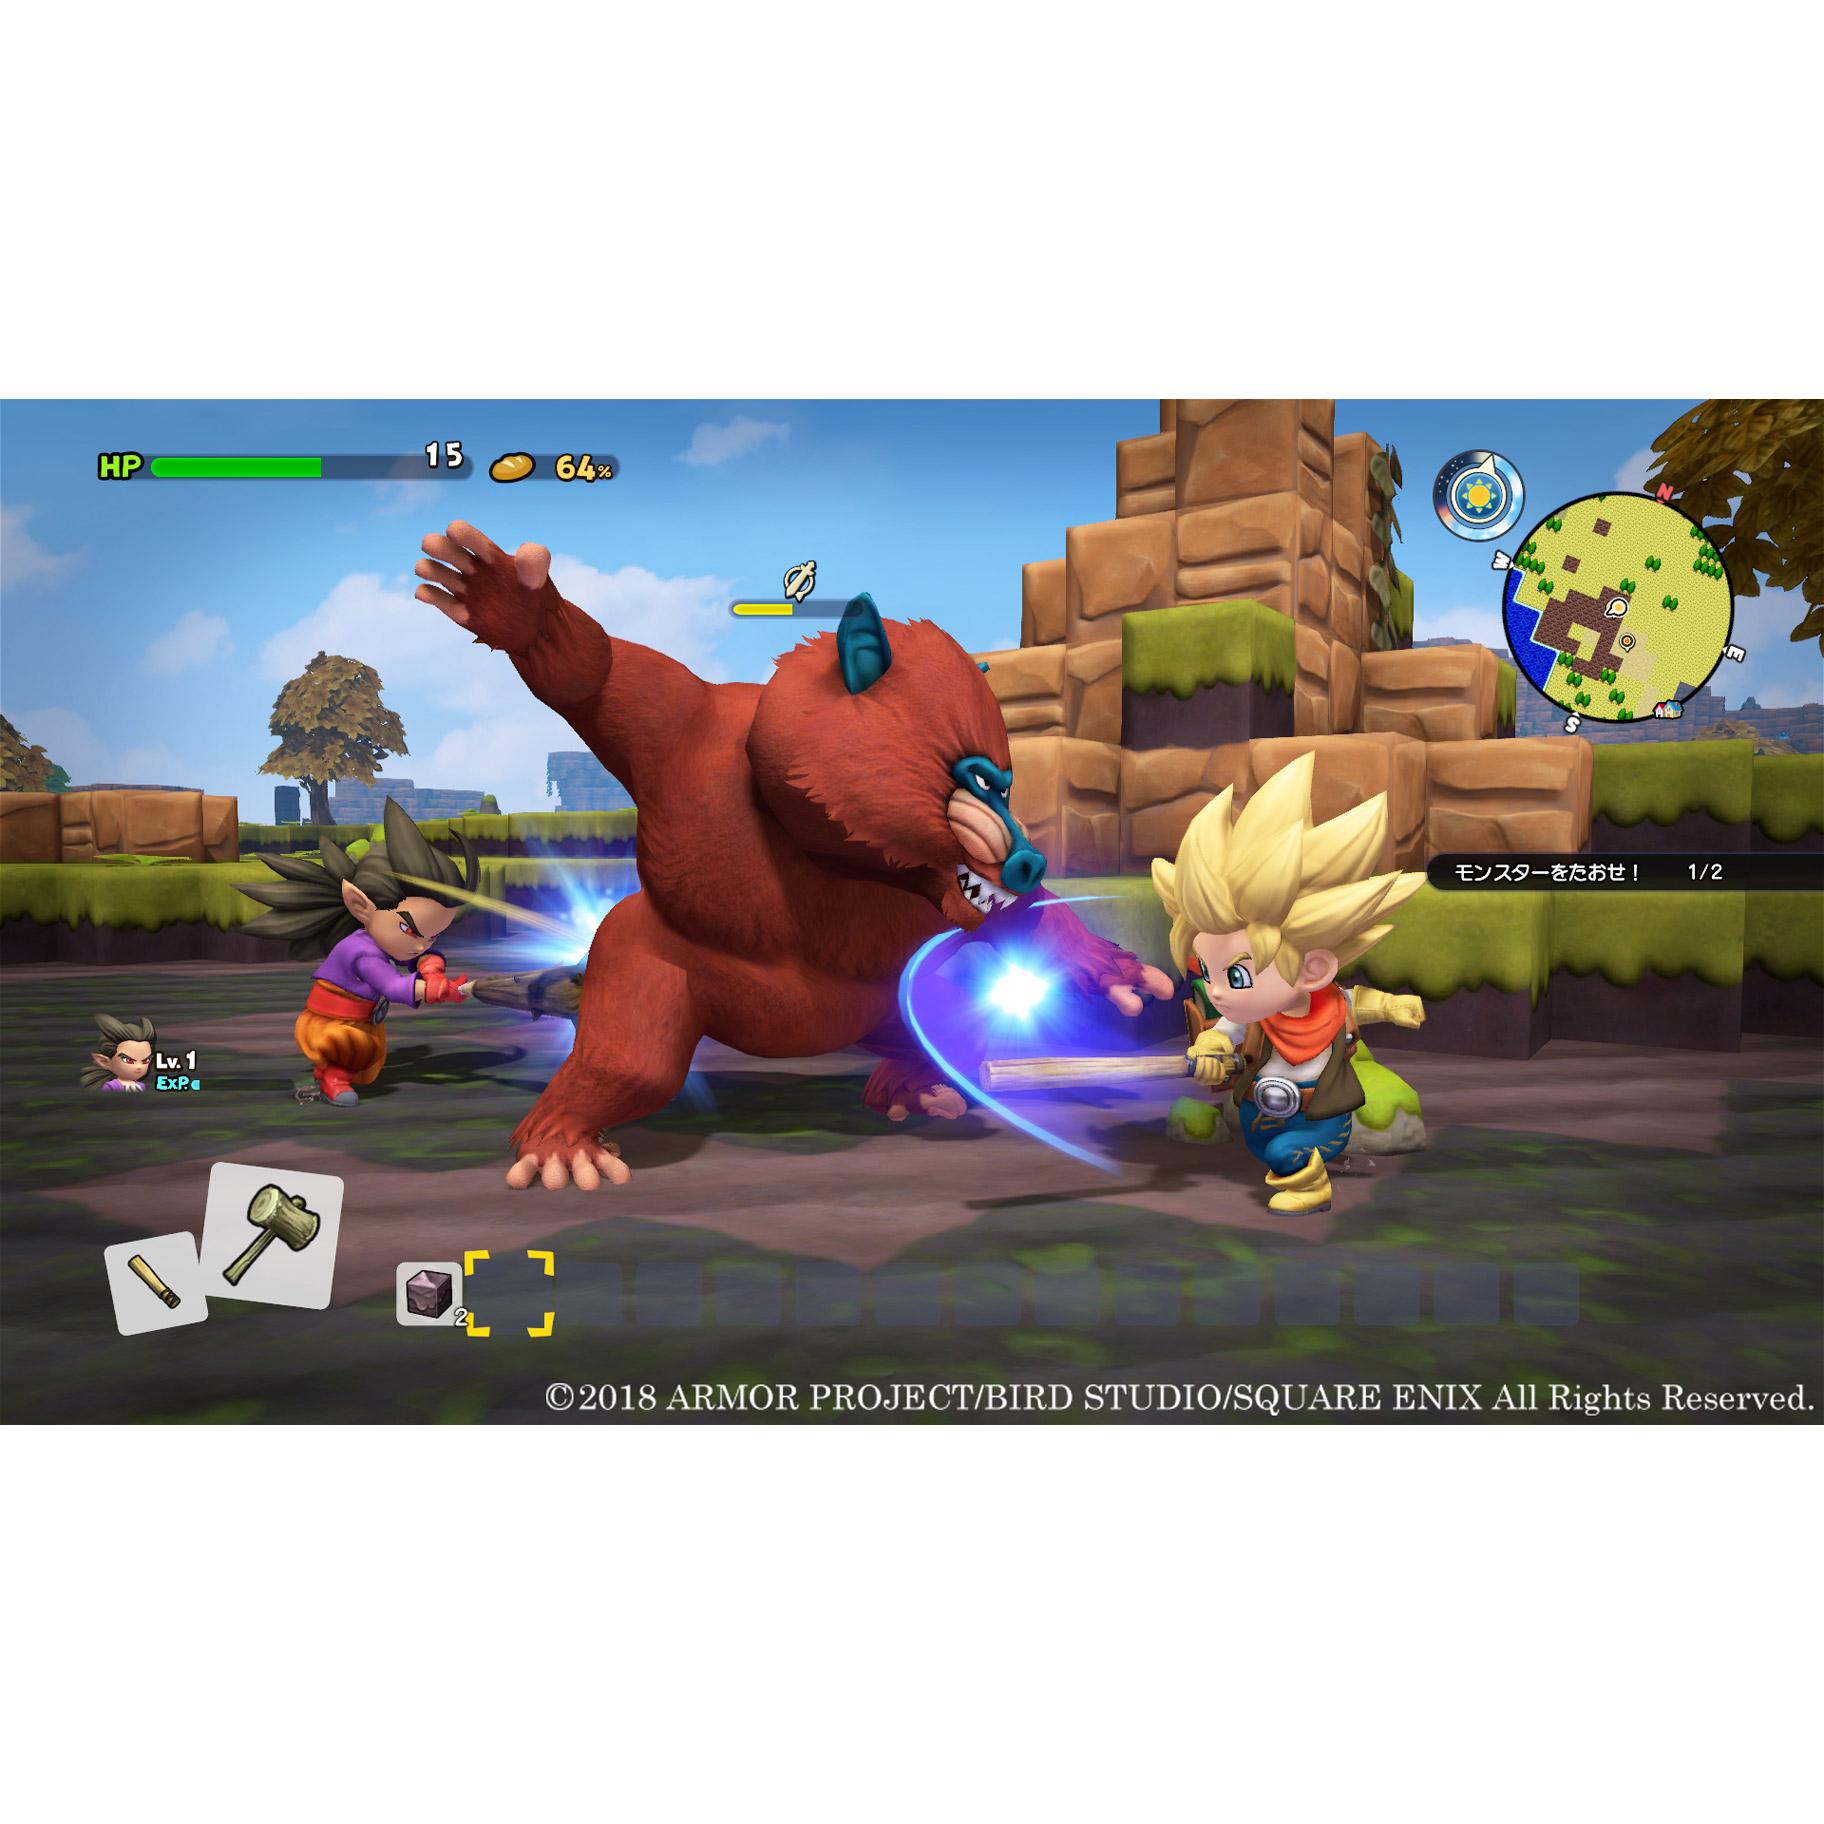 〔新価格版〕ドラゴンクエストビルダーズ2 破壊神シドーとからっぽの島 【PS4ゲームソフト】_6